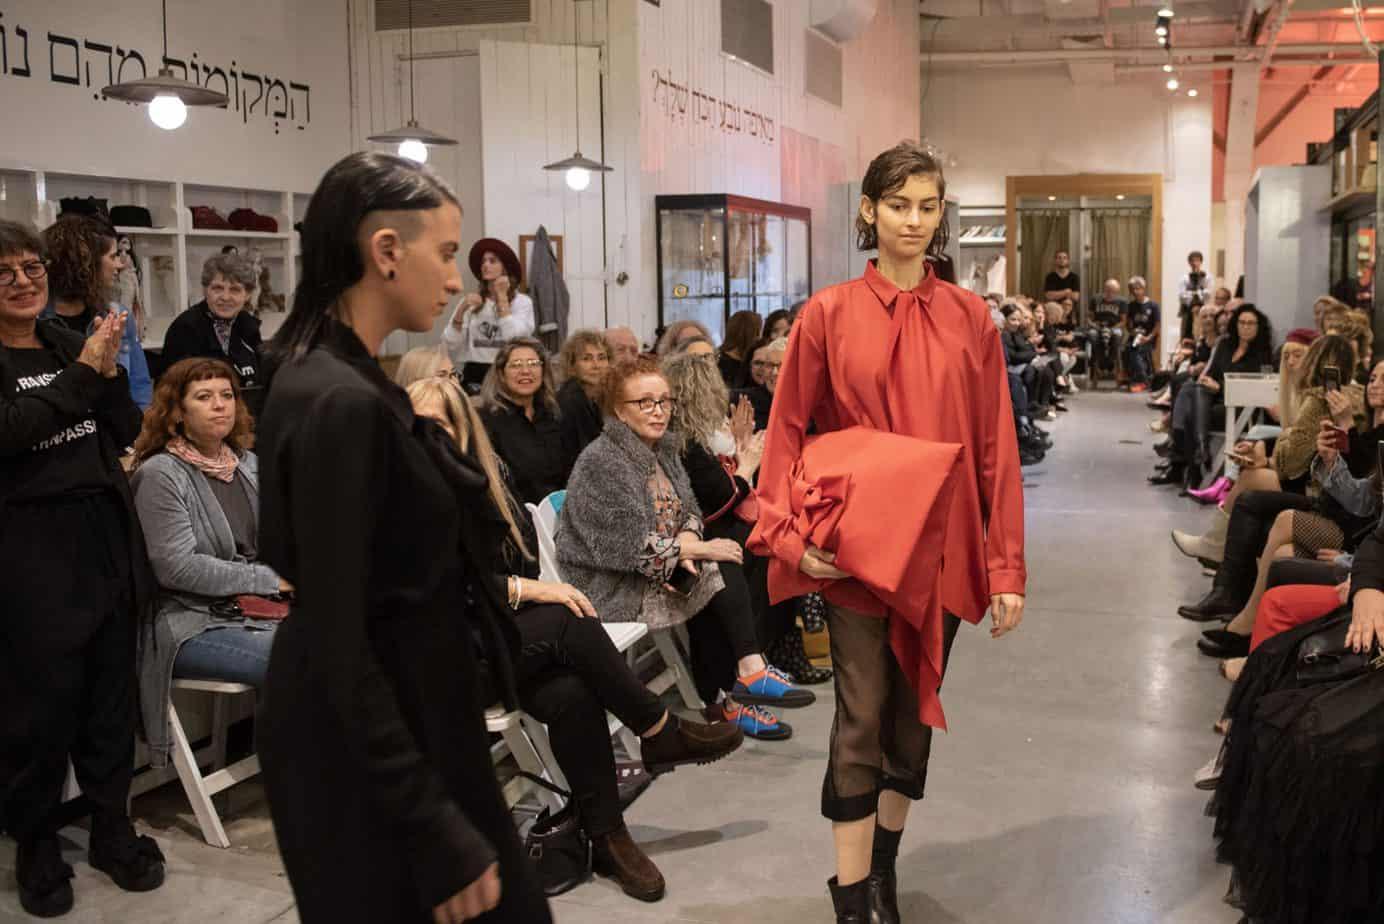 קום איל פו. תצוגת אופנה סתיו חורף 208-19. צילום: יניב לוי -2